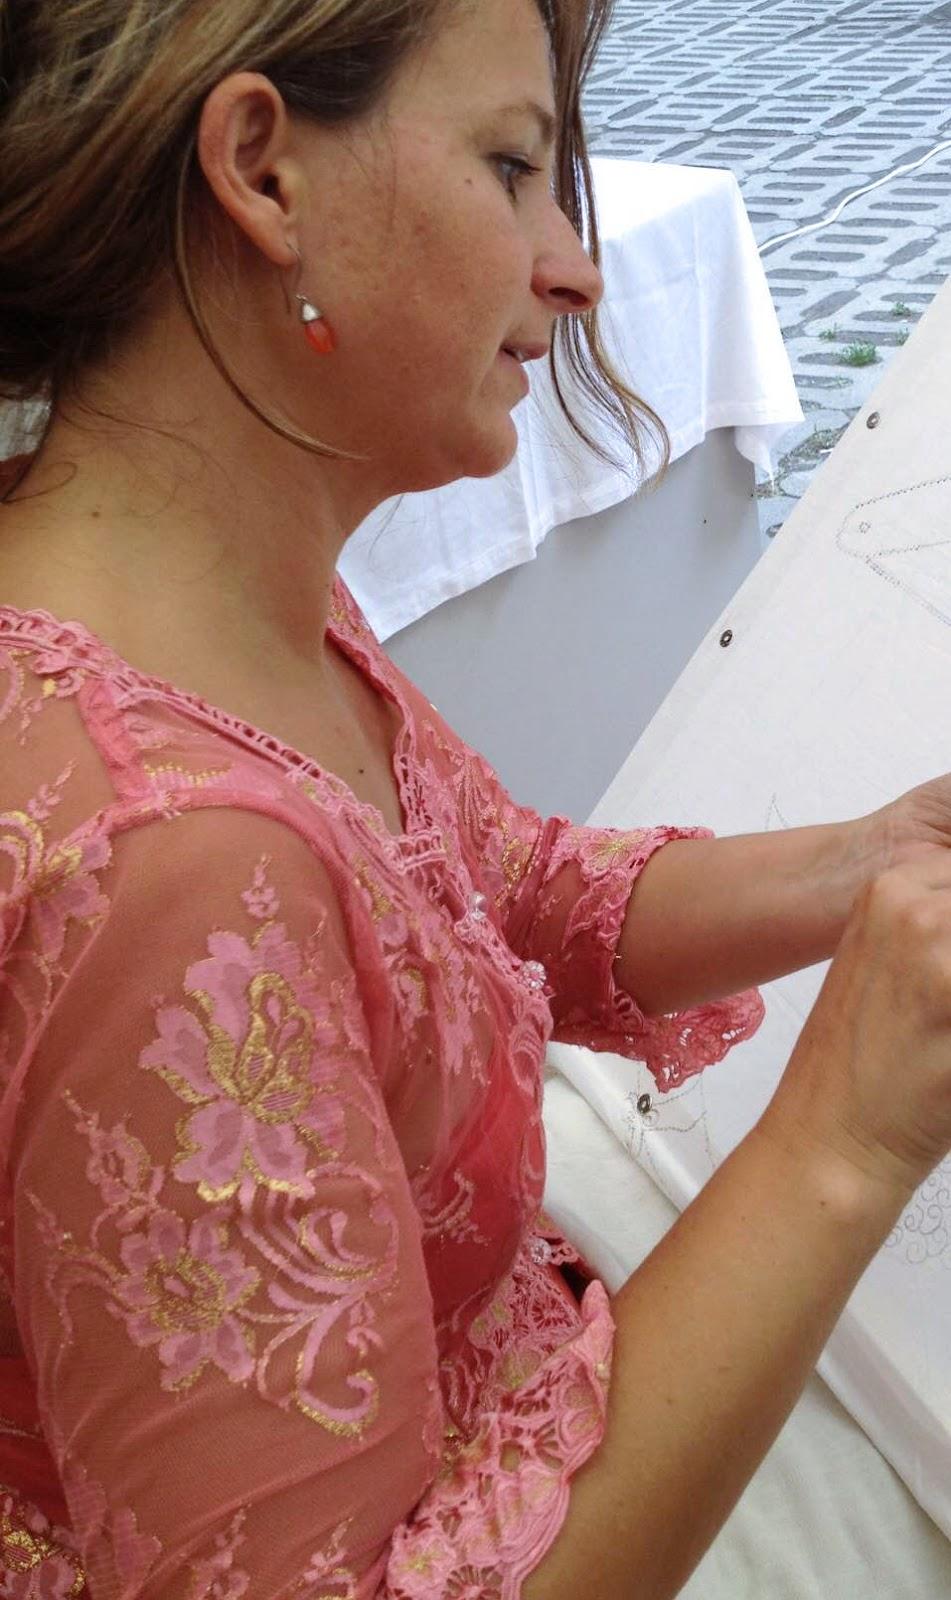 0d94bc46ab Hasonlóan kedves darabom az a kézzel hímzett mexikói blézer, mely ugyan egy  modern tervezői ruha, de színeiben és organikus mintáiban a helyi  népviseletre ...